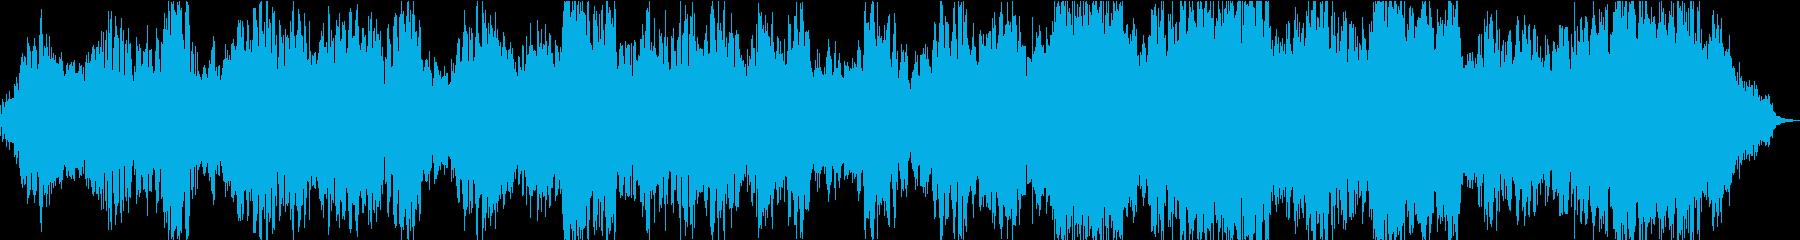 不気味で不穏な雰囲気のあるアンビエント曲の再生済みの波形